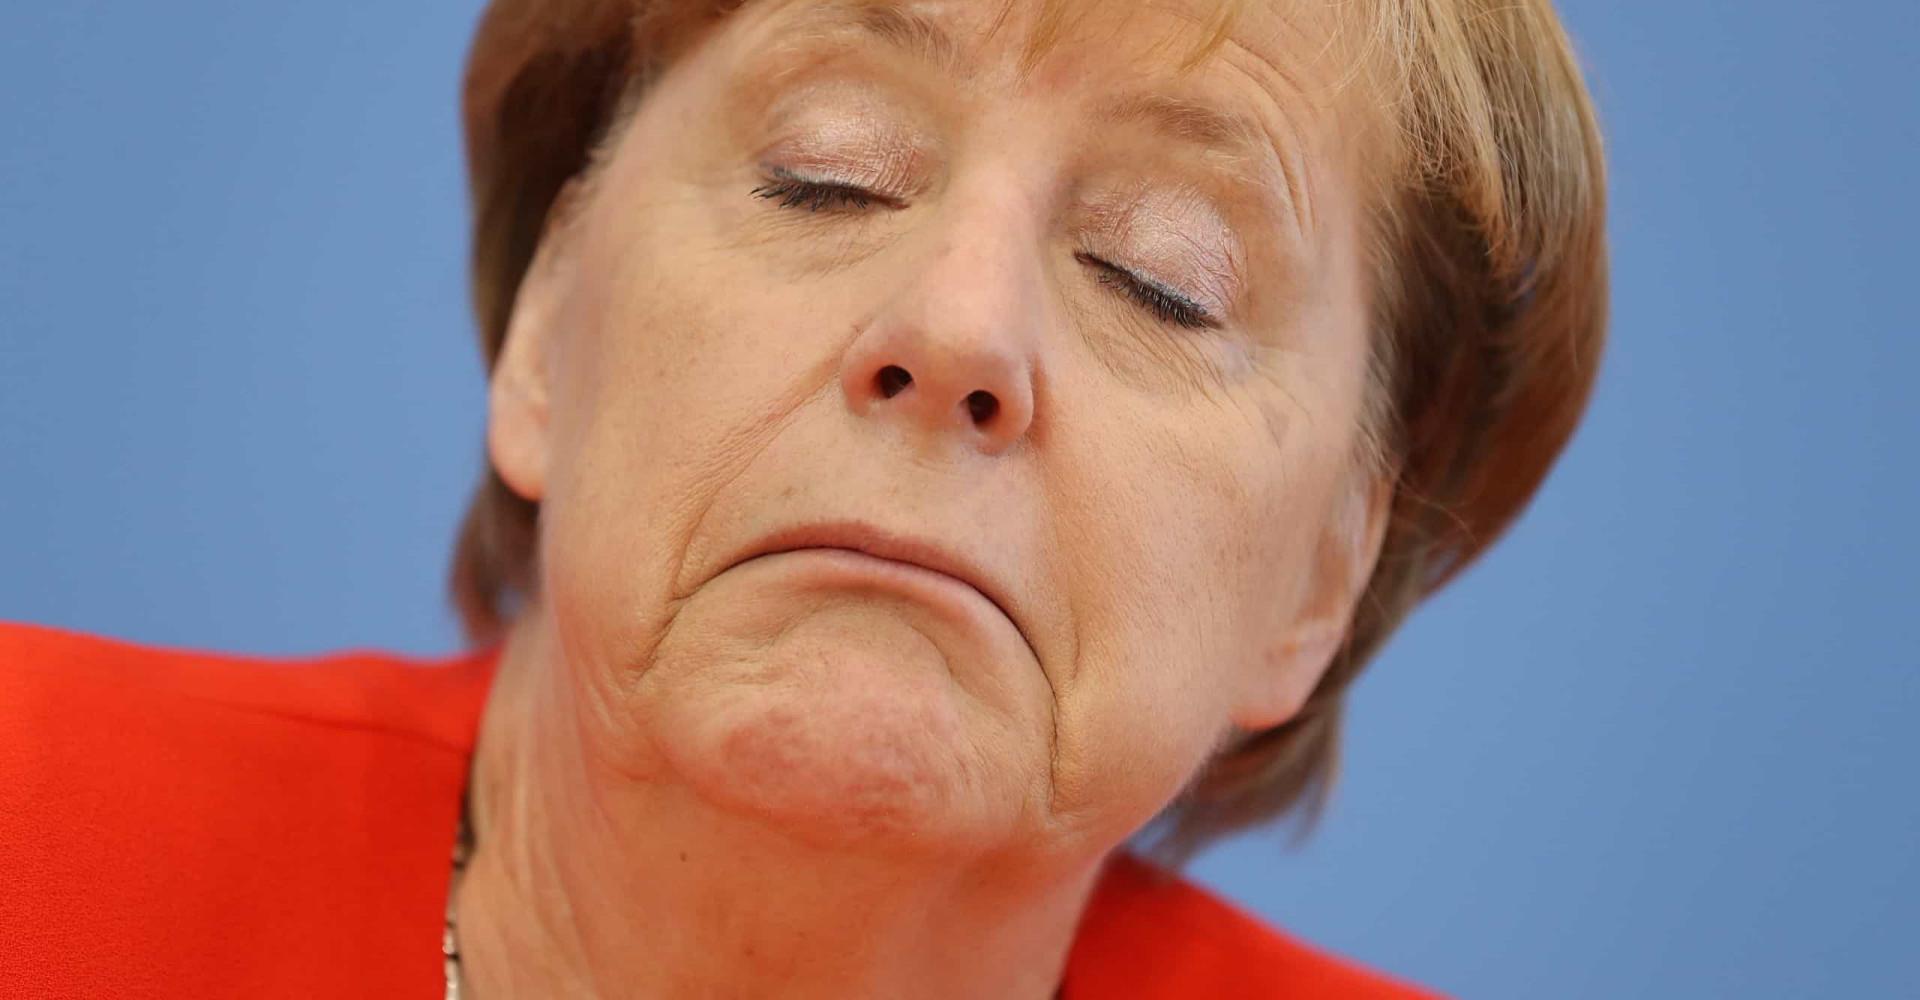 Die lustigsten Gesichtsausdrücke von Angela Merkel